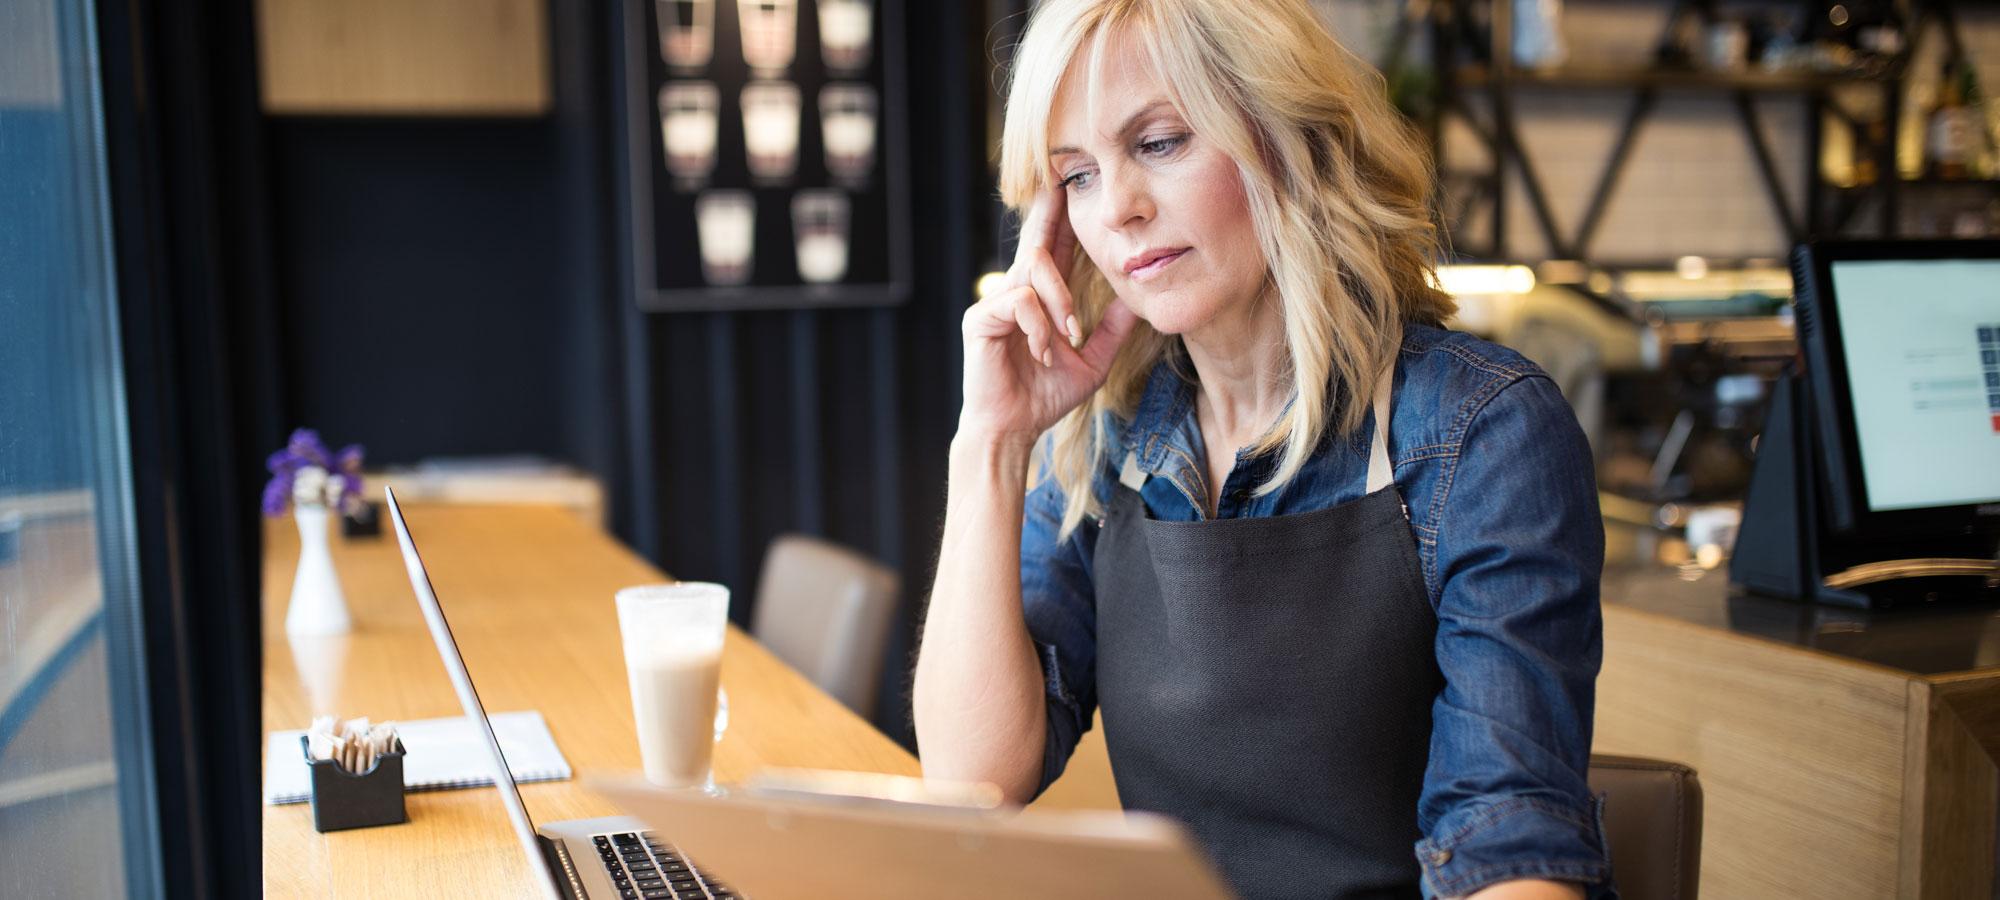 Kafé-eier som jobber på PC